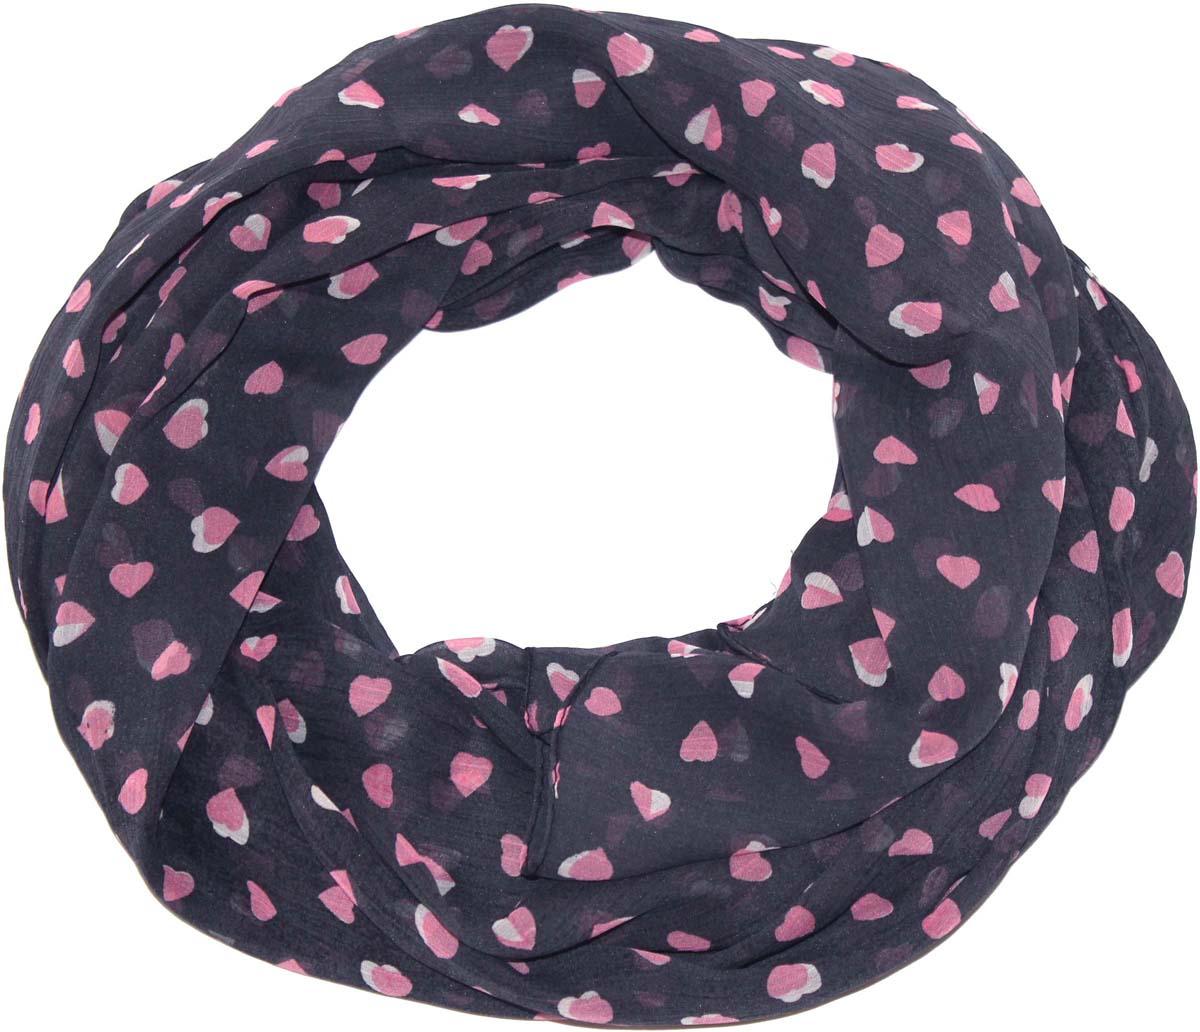 Шарф женский Ethnica, цвет: темно-серый, розовый. 262040. Размер 50 см х 170 см262040Стильный шарф привлекательной расцветки изготовлен из 100% вискозы. Он удачно дополнит ваш гардероб и поможет создать новый повседневный образ, добавить в него яркие краски. Отличный вариант для тех, кто стремится к самовыражению и новизне!